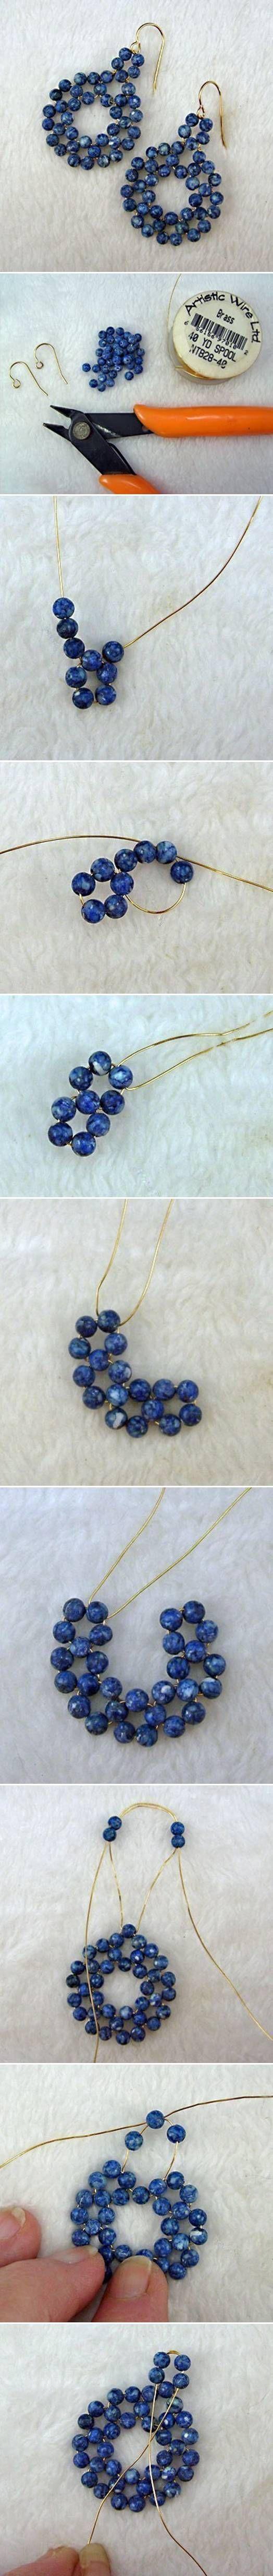 DIY Beads on Wire Earrings ❁•Teresa Restegui http://www.pinterest.com/teretegui/•❁